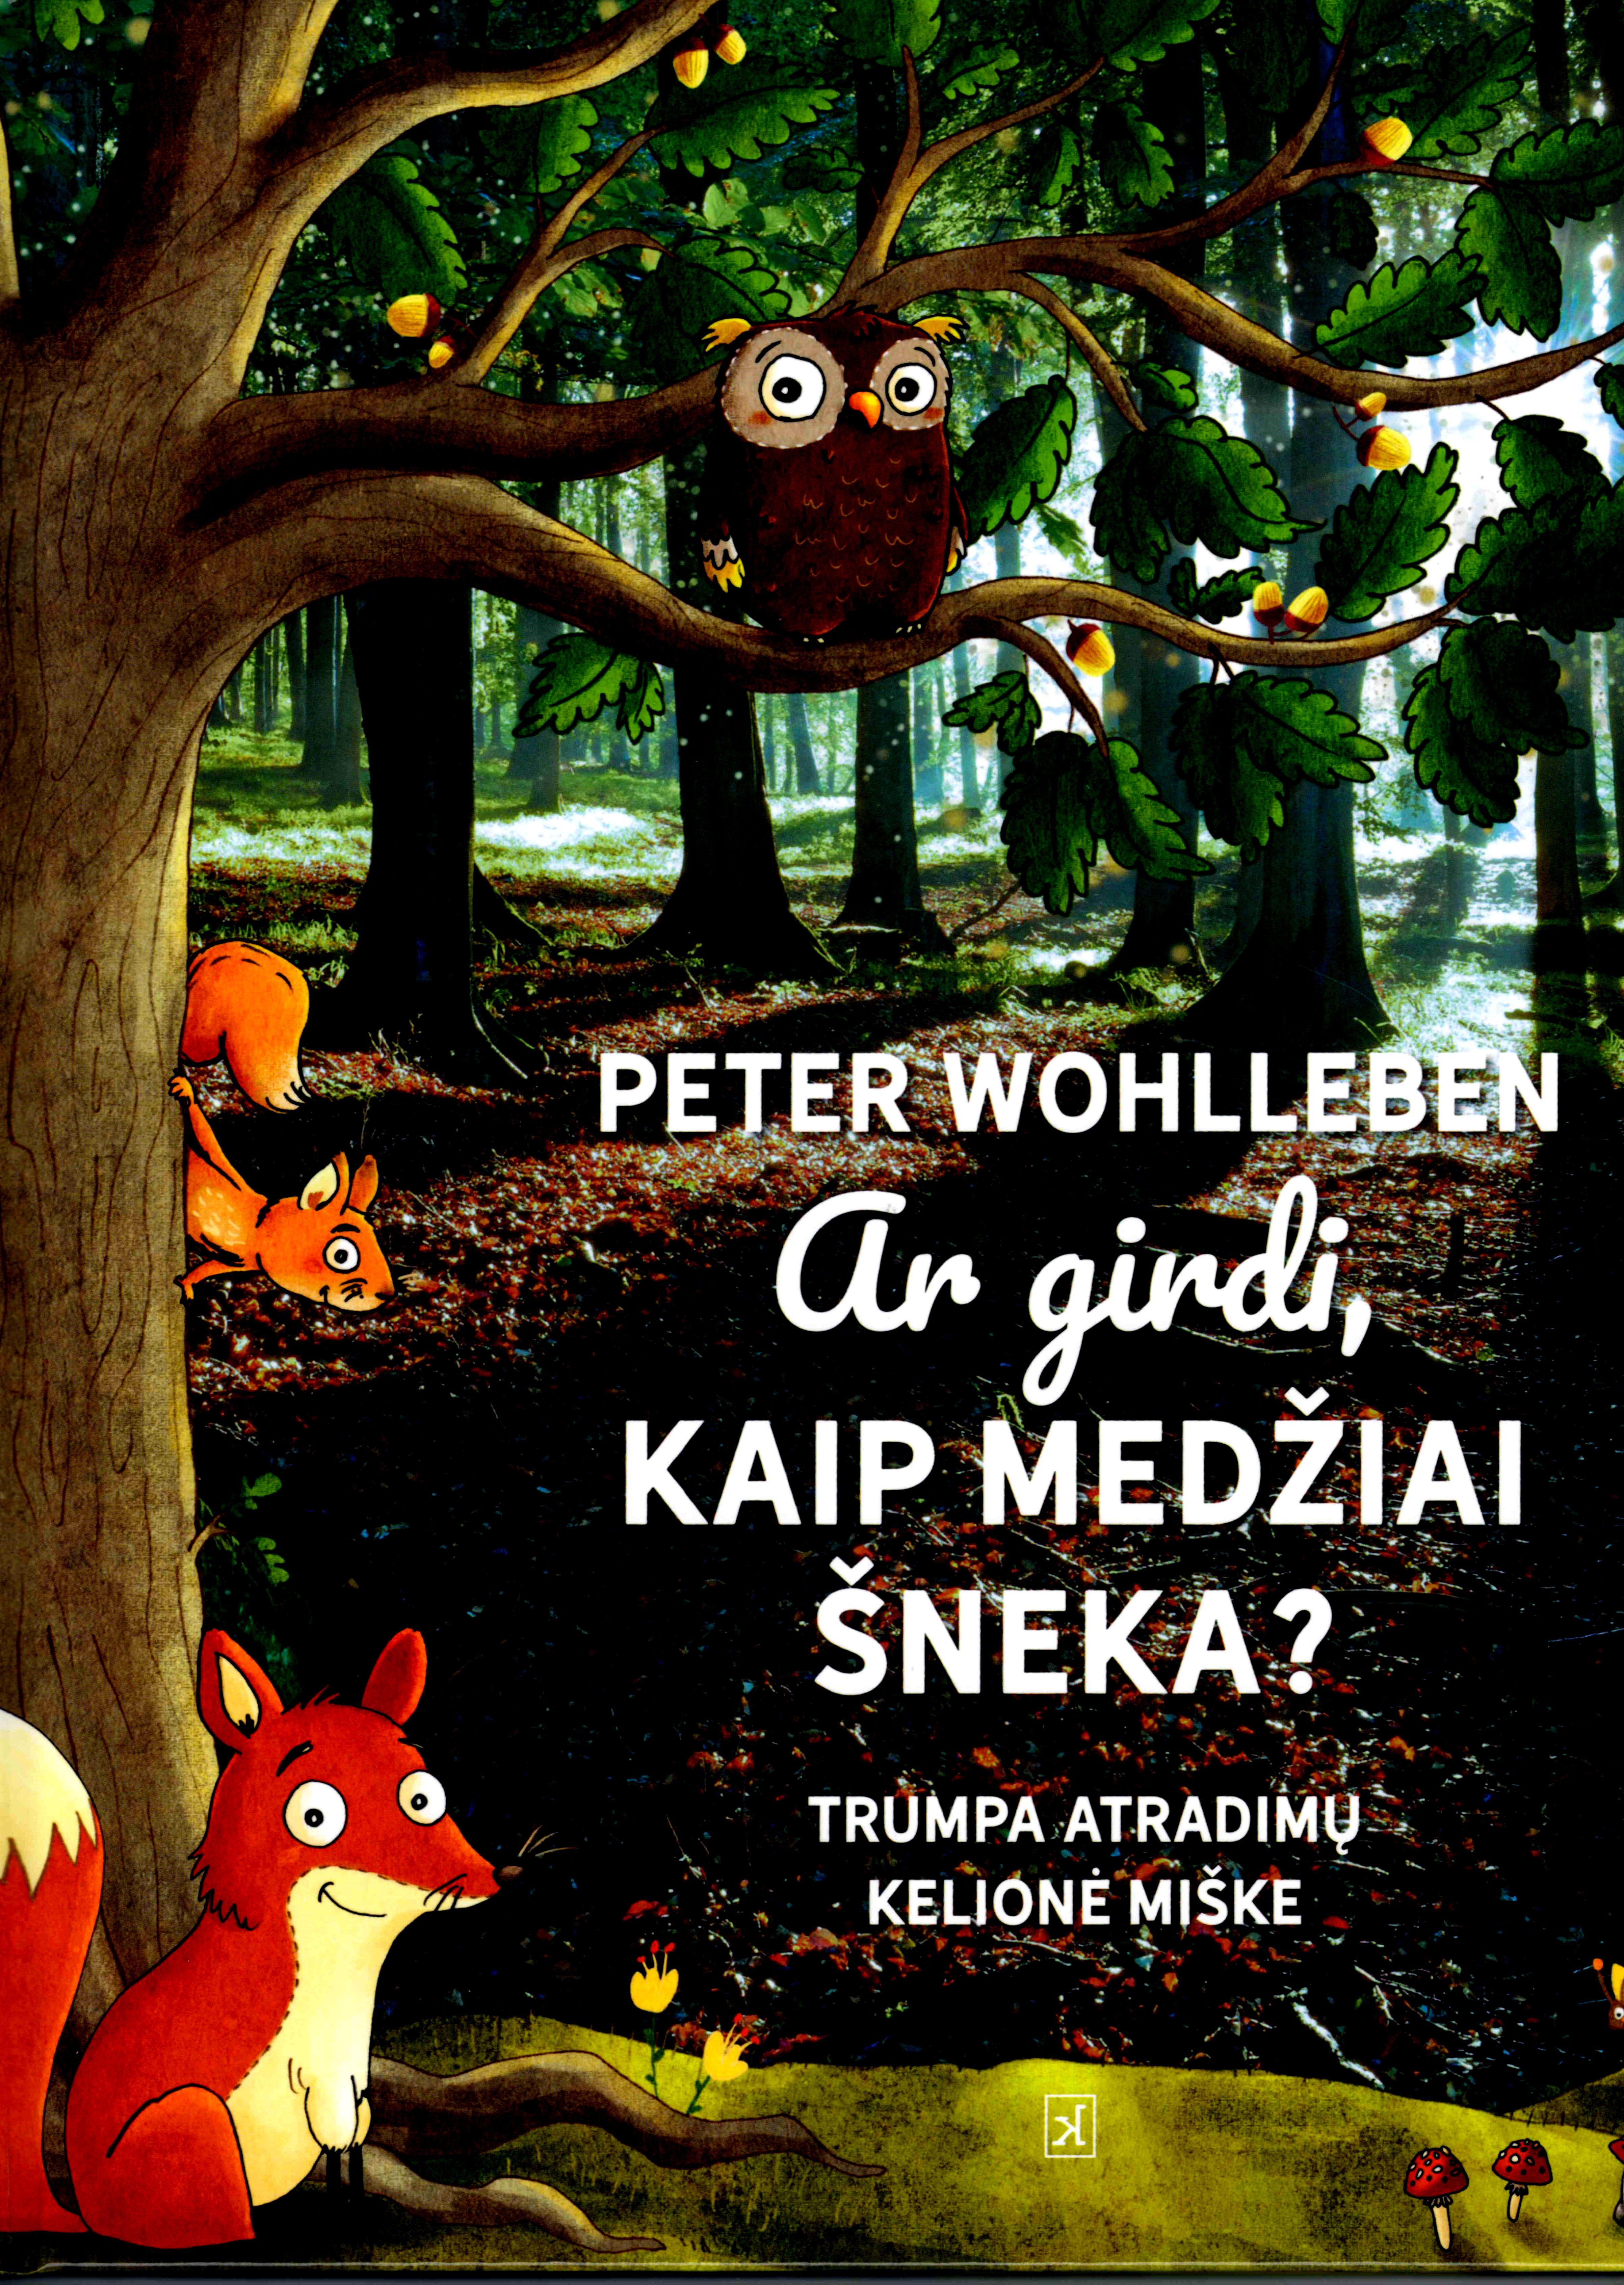 Ar girdi, kaip medžiai šneka?